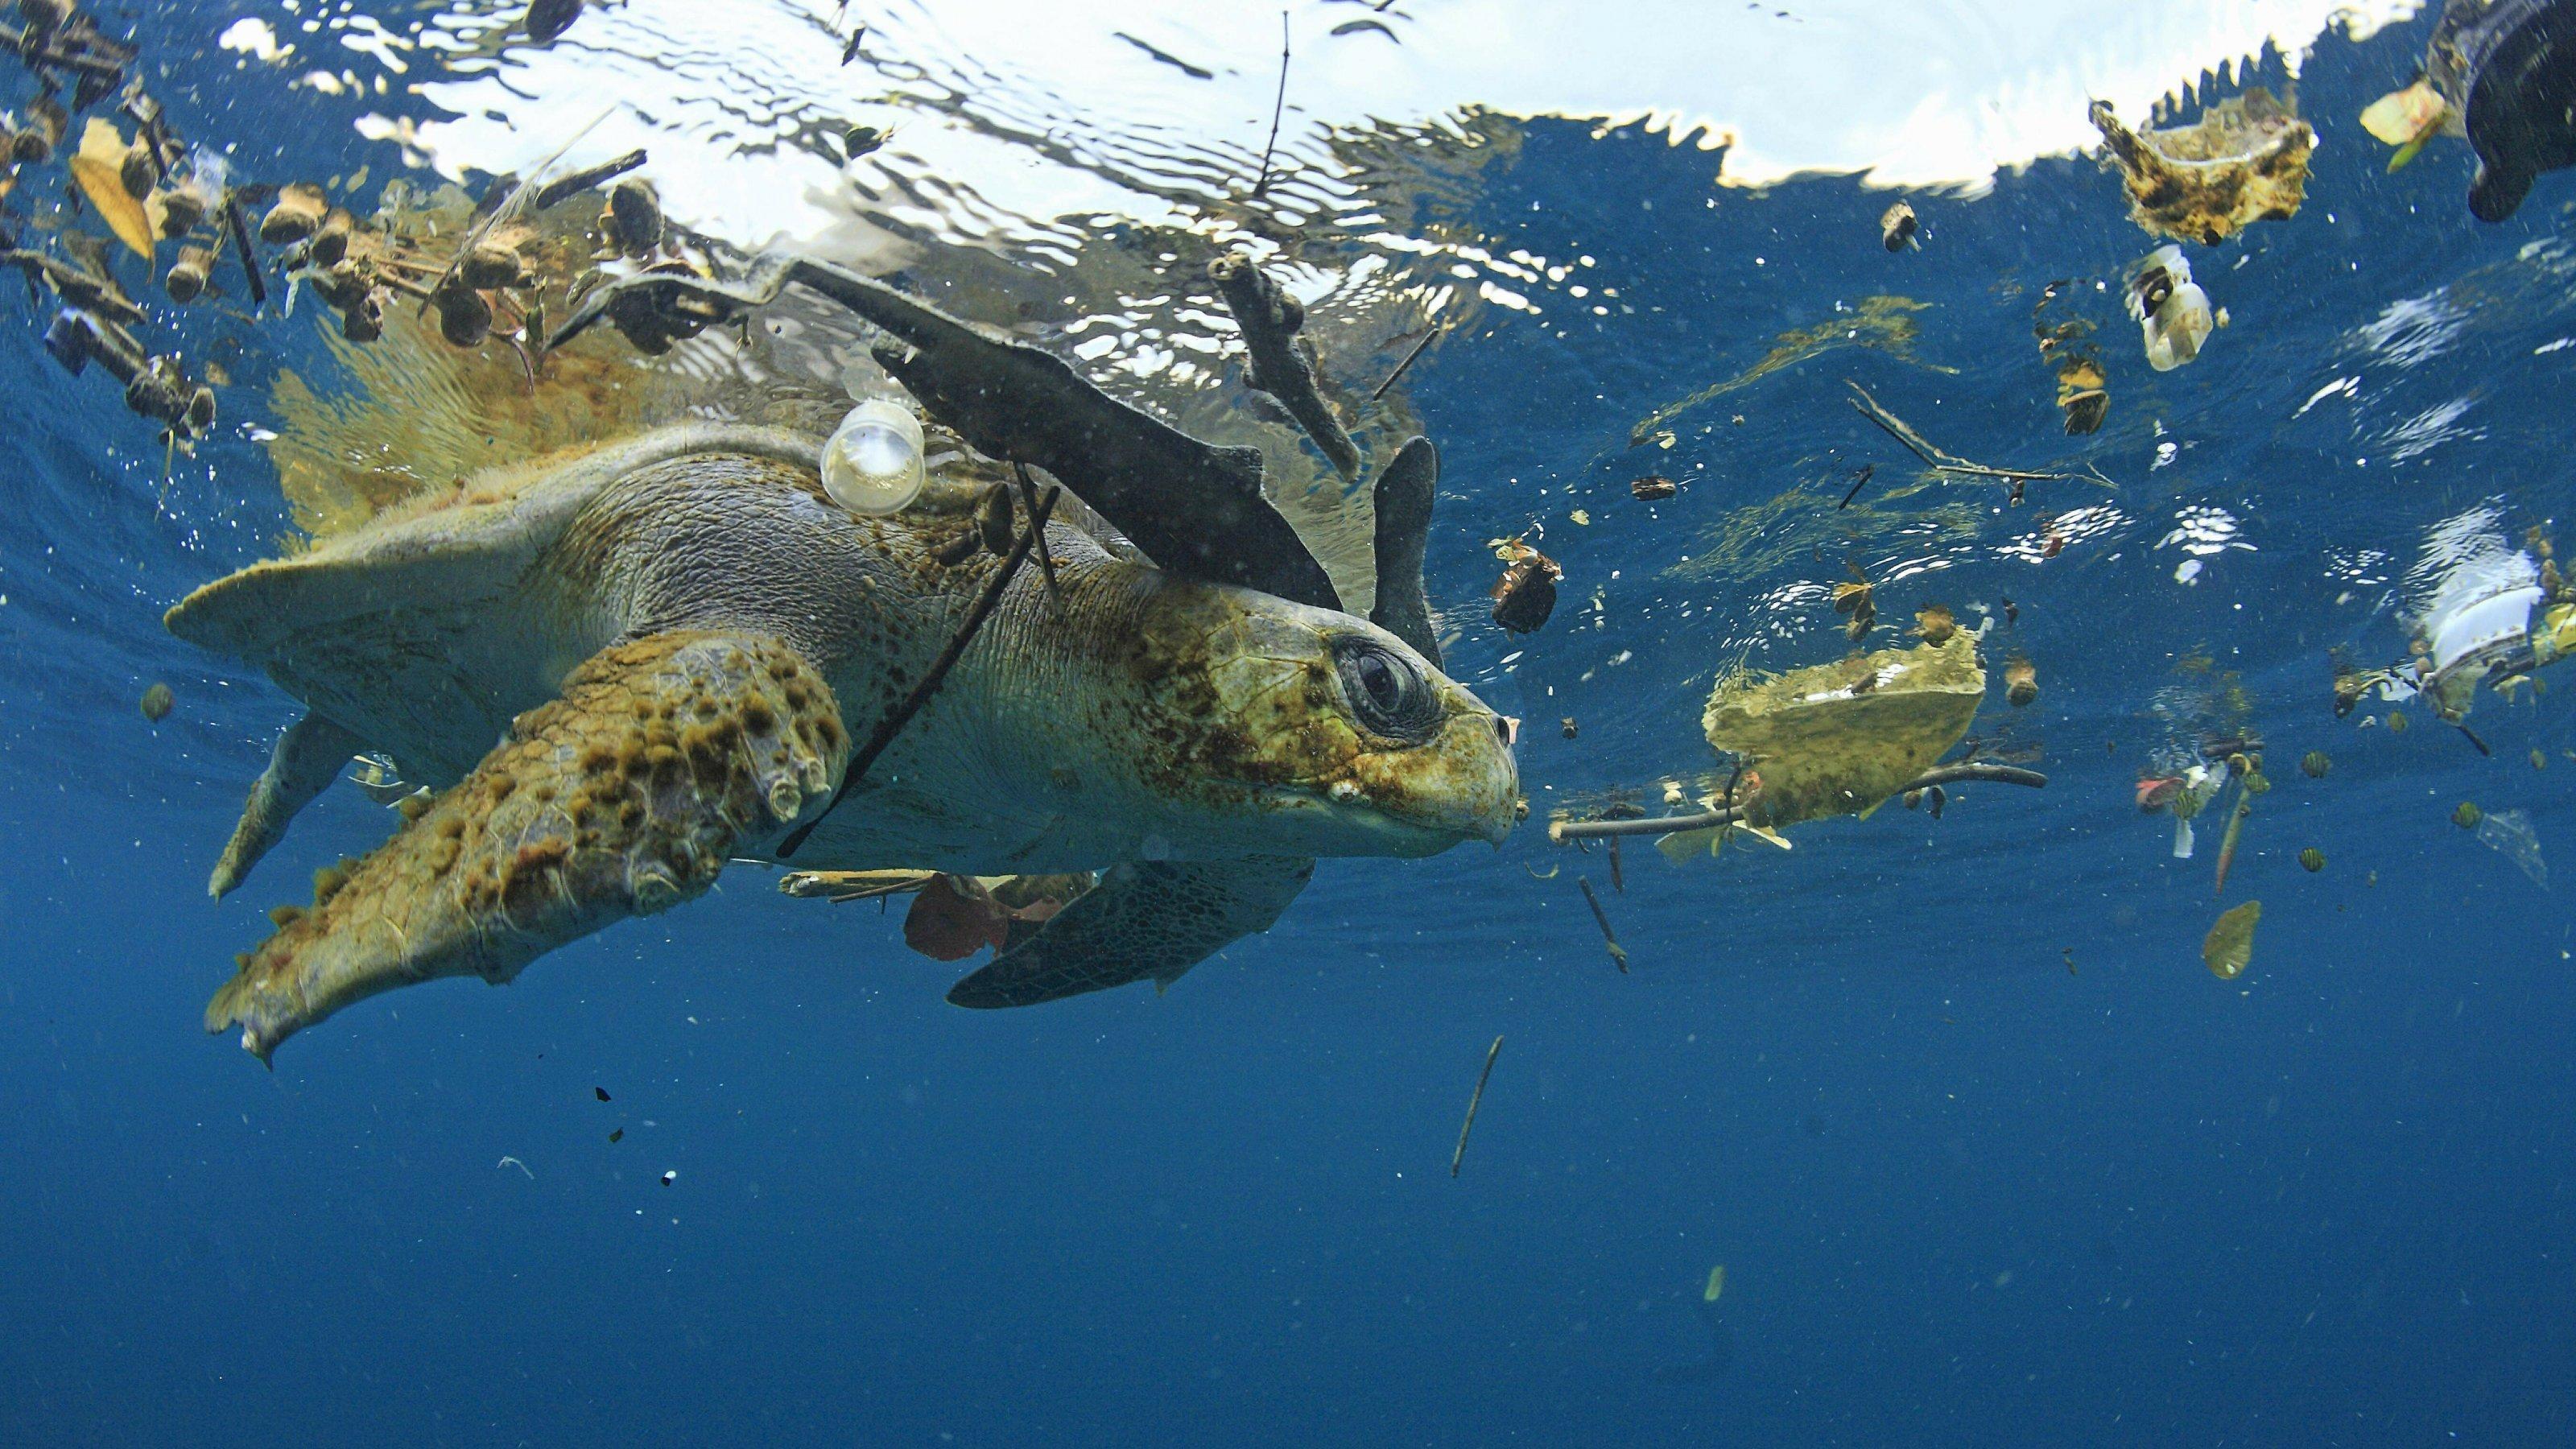 Eine grüne Schildkröte im Wasser, in dem auch Plastikmüll treibt.